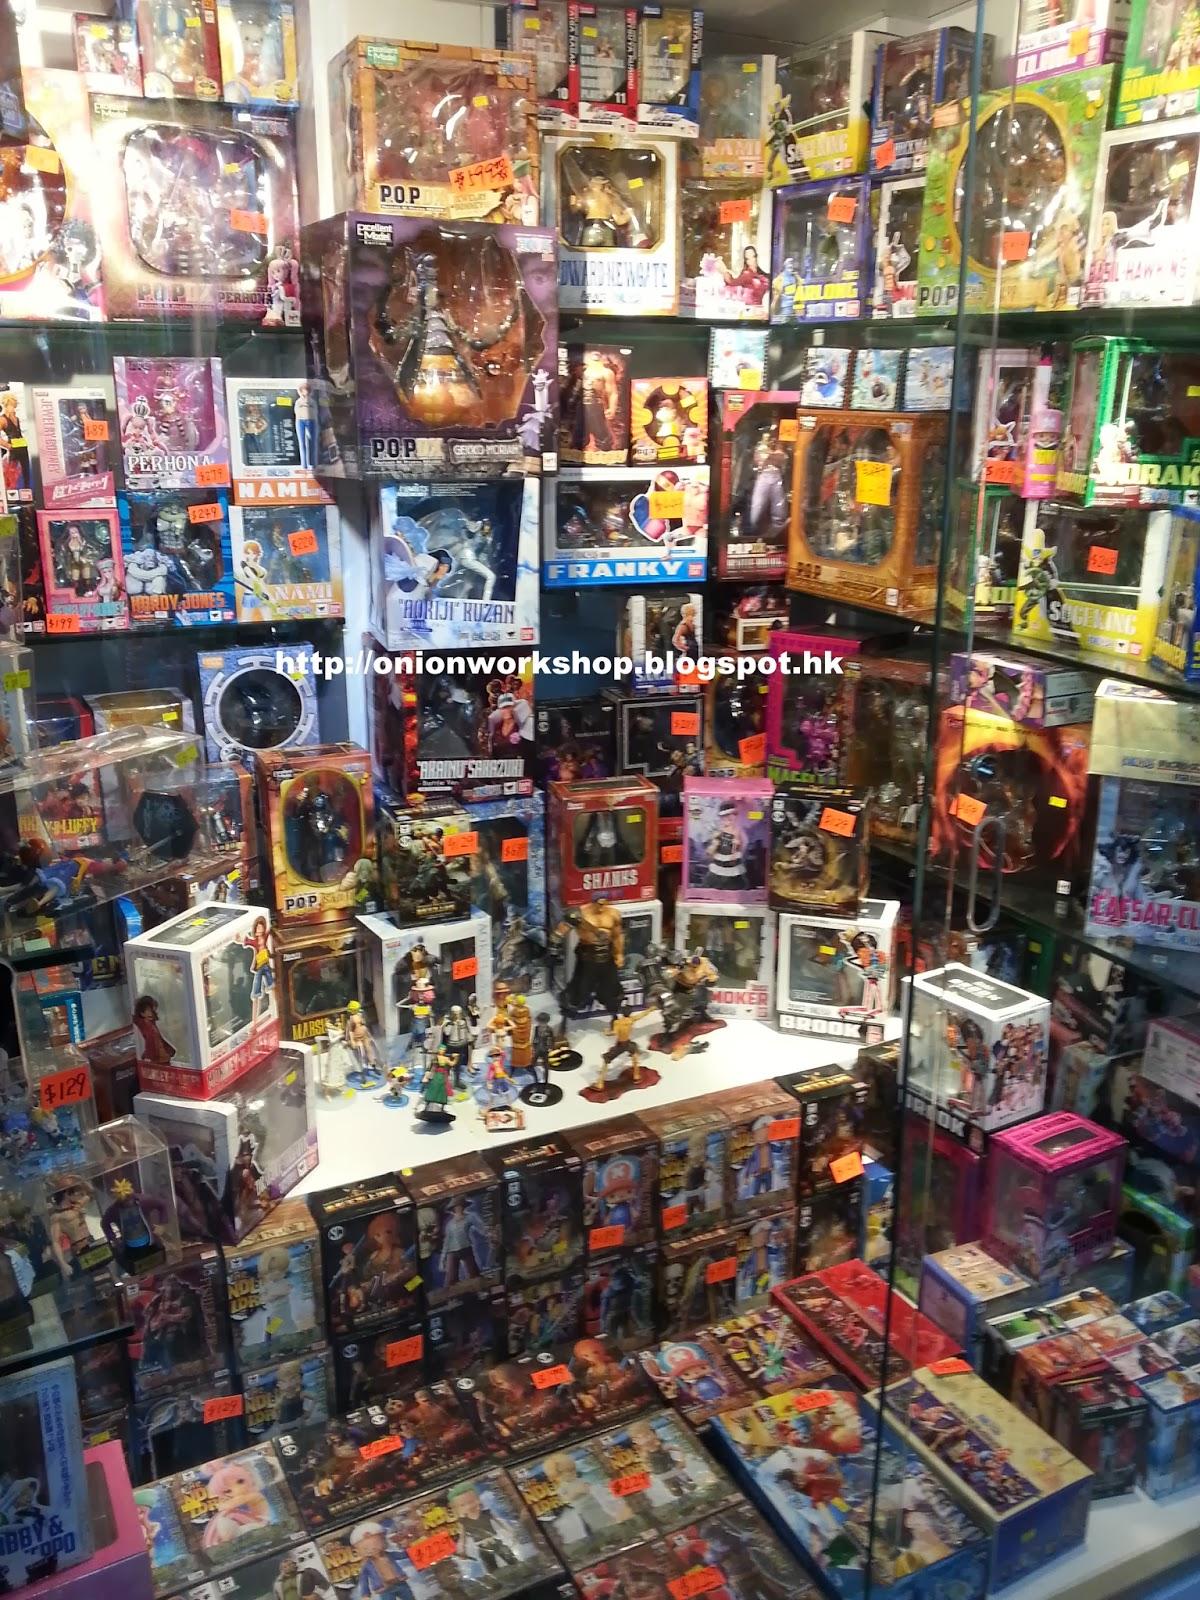 洋蔥頭的玩具店遊記: No. 005 香港區 灣仔 鴻興玩具